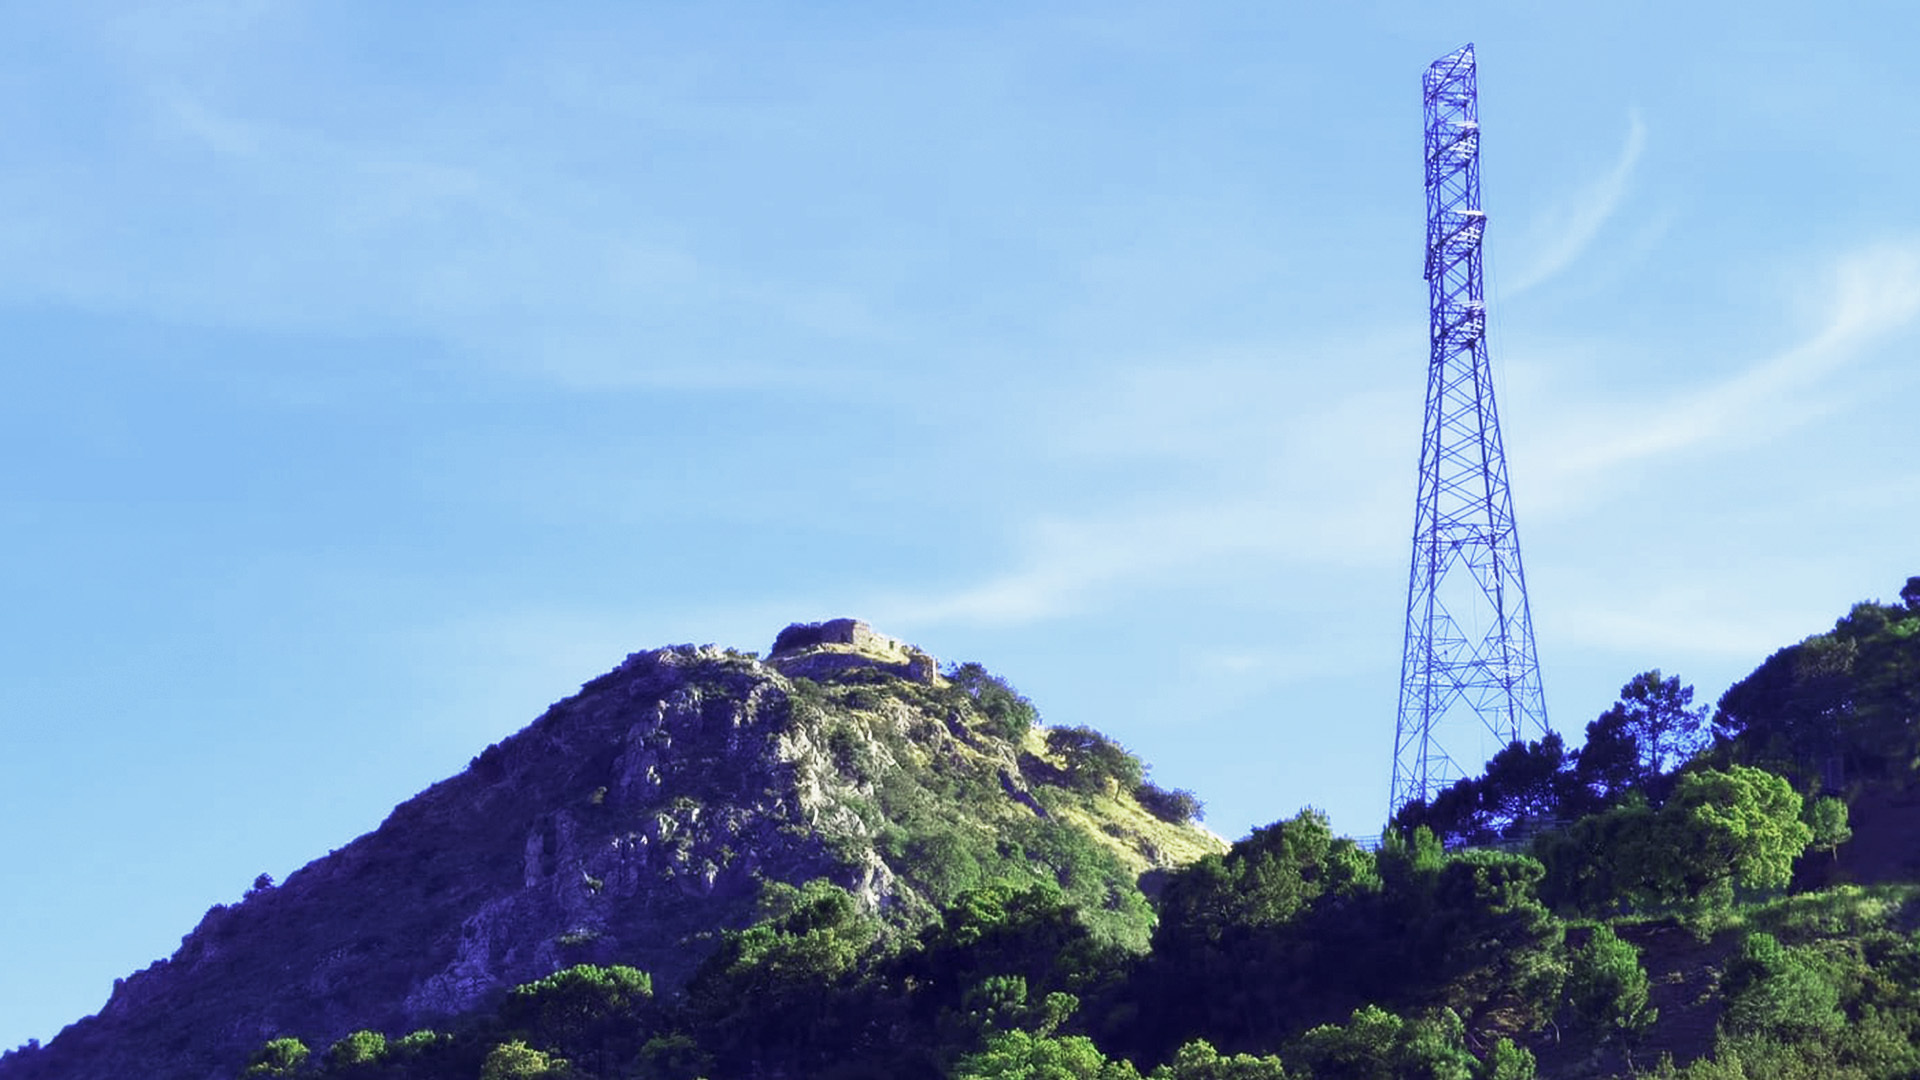 La Fiscalía abre diligencias contra la línea de alta tensión de Montemayor en Benahavís